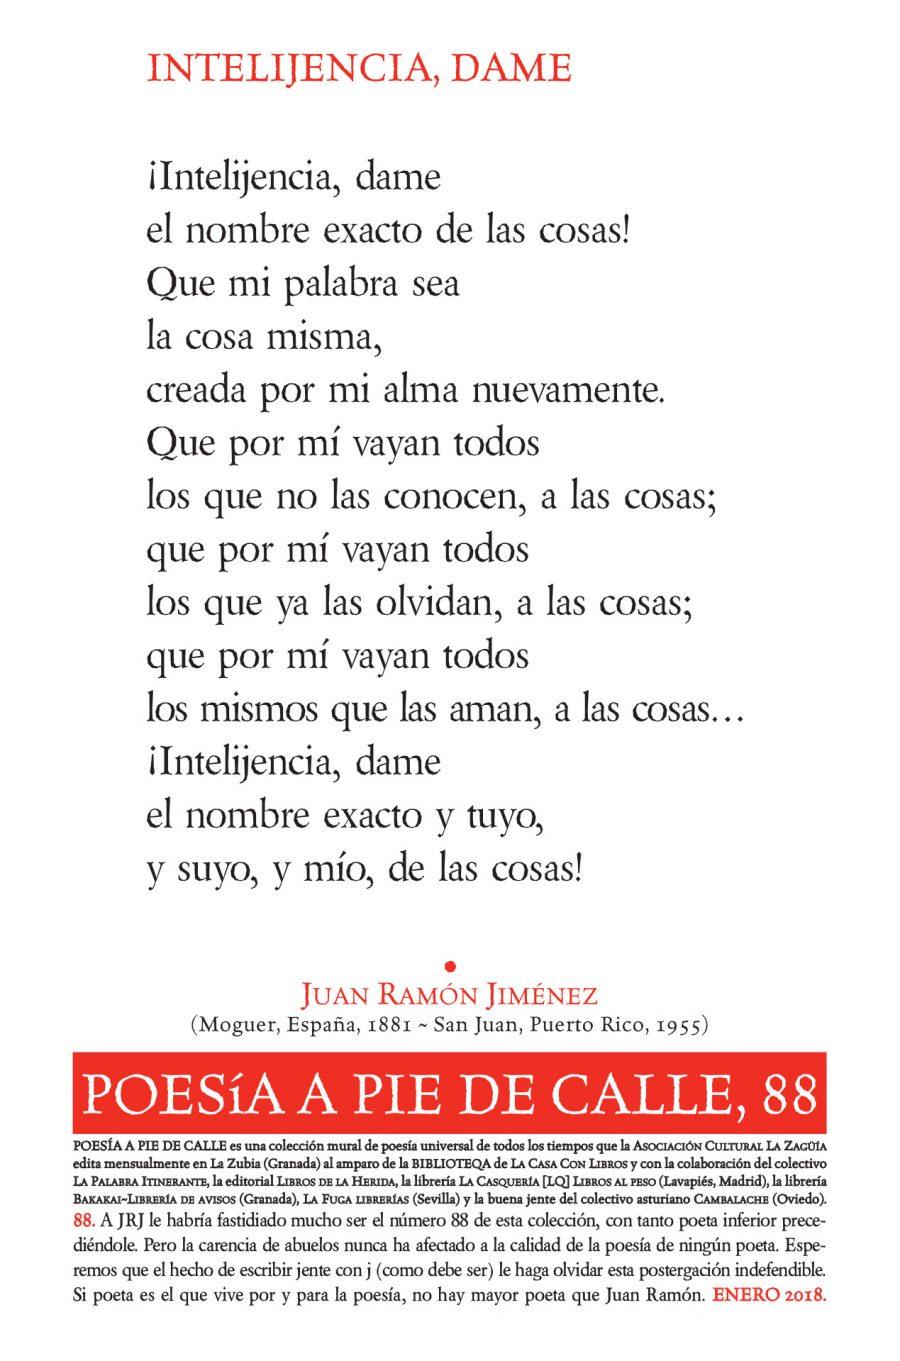 POESÍA A PIE DE CALLE, 88: INTELIJENCIA, DAME, DE JUAN RAMÓN JIMÉNEZ